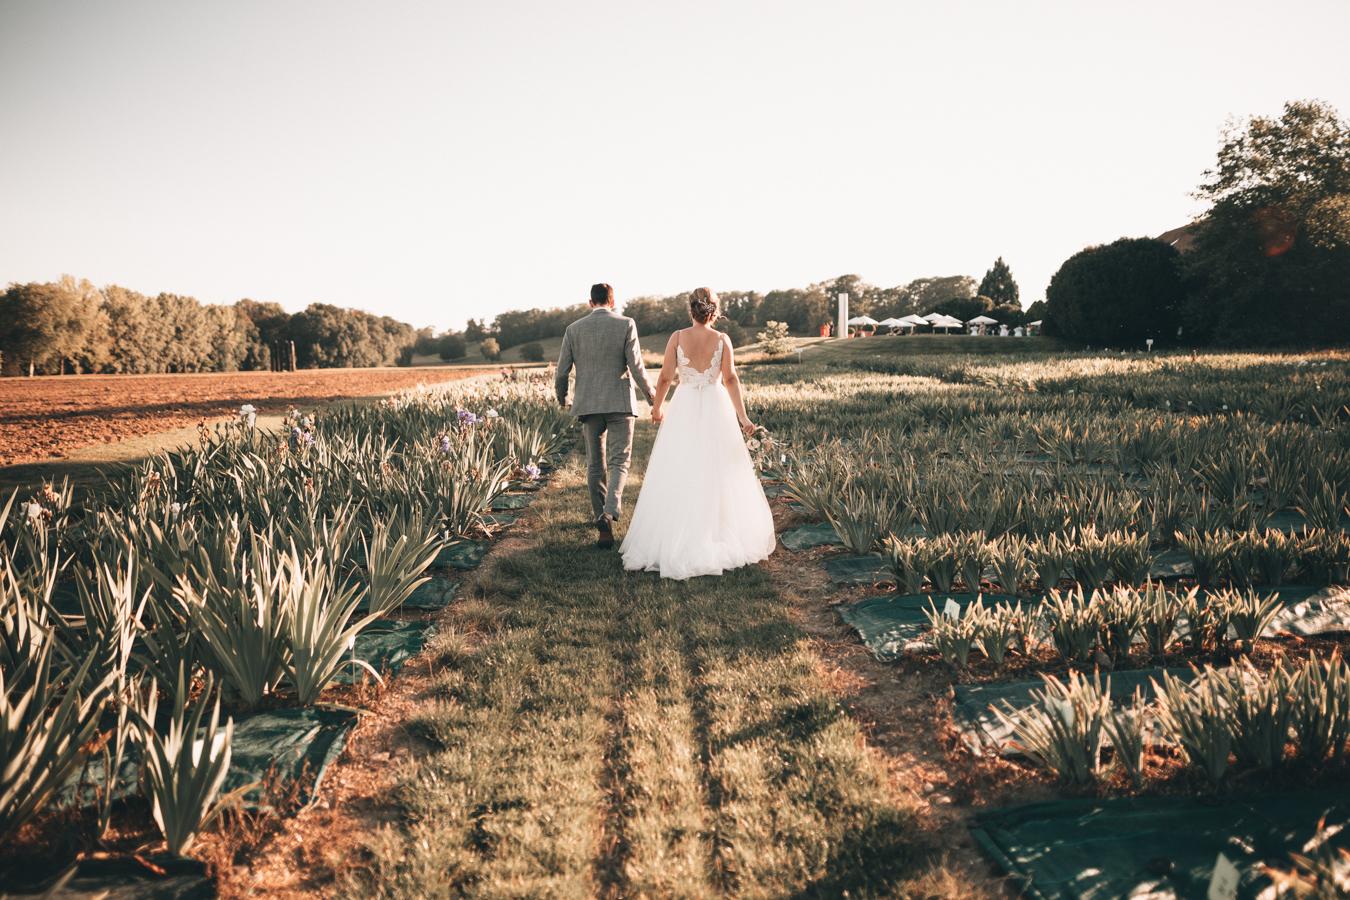 alex dim17 - Un mariage de rêve en 2020, challenge relevé avec brio pour Sophie et Dimitri!